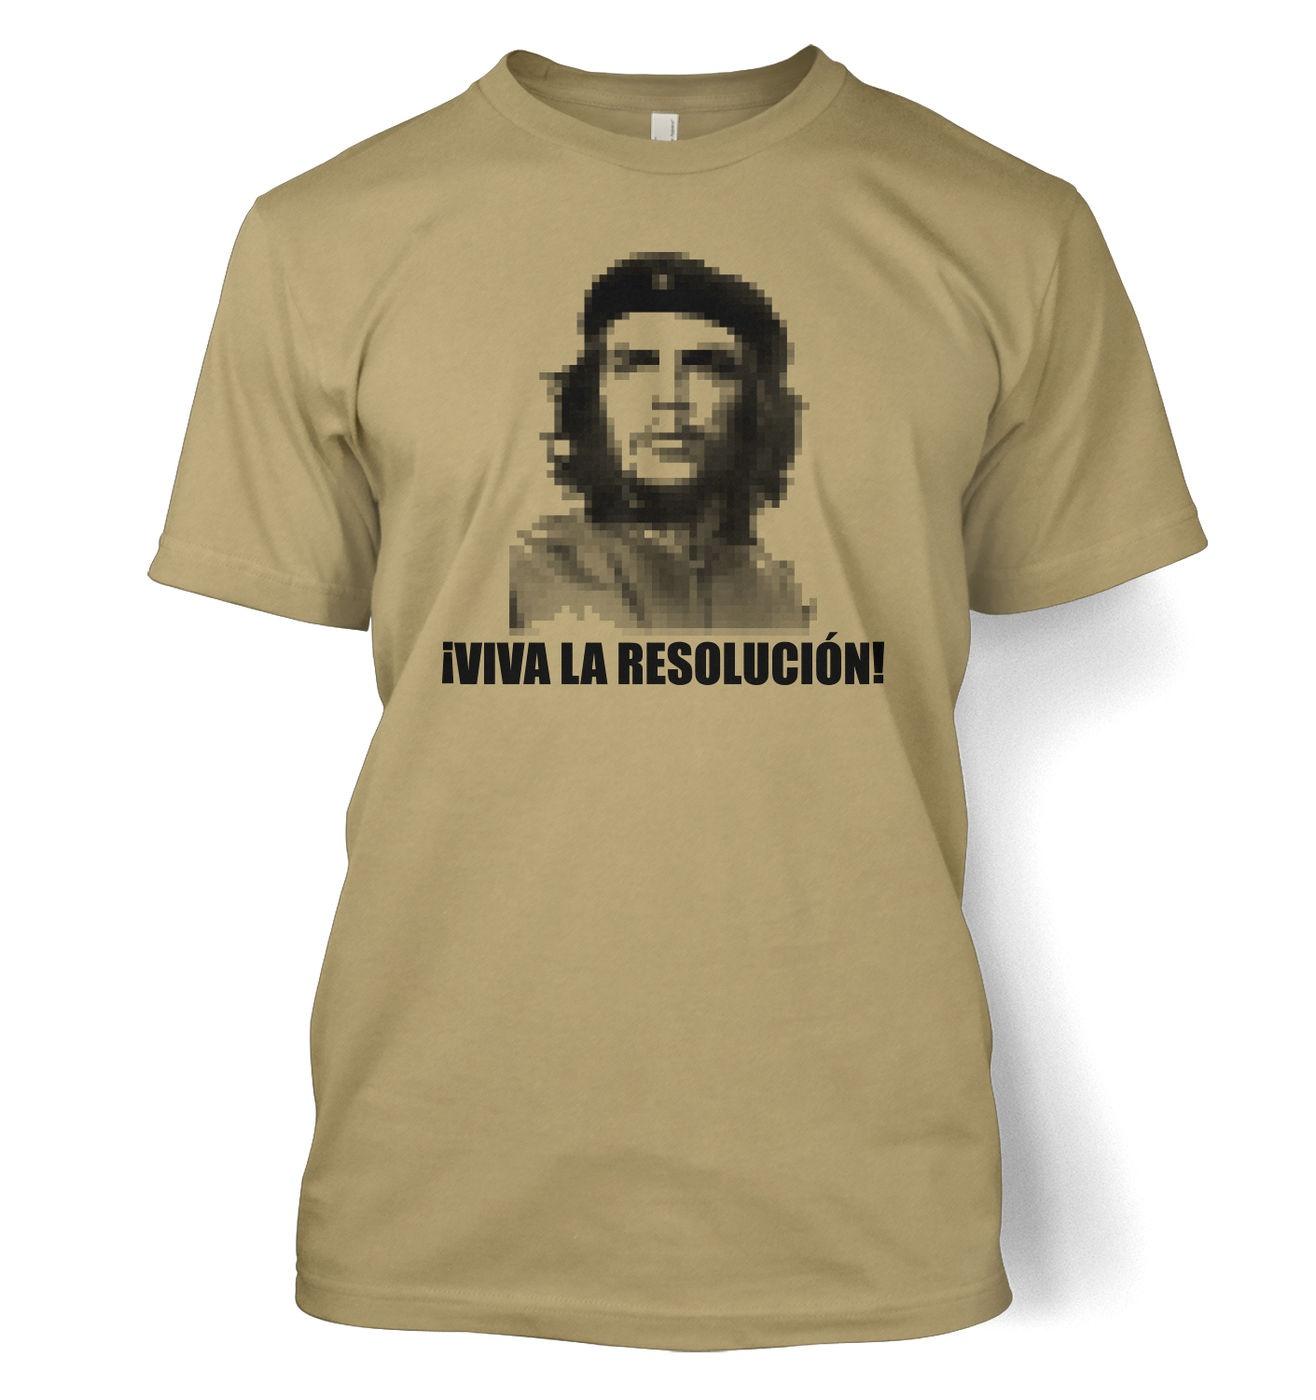 Viva La Resolucion t-shirt